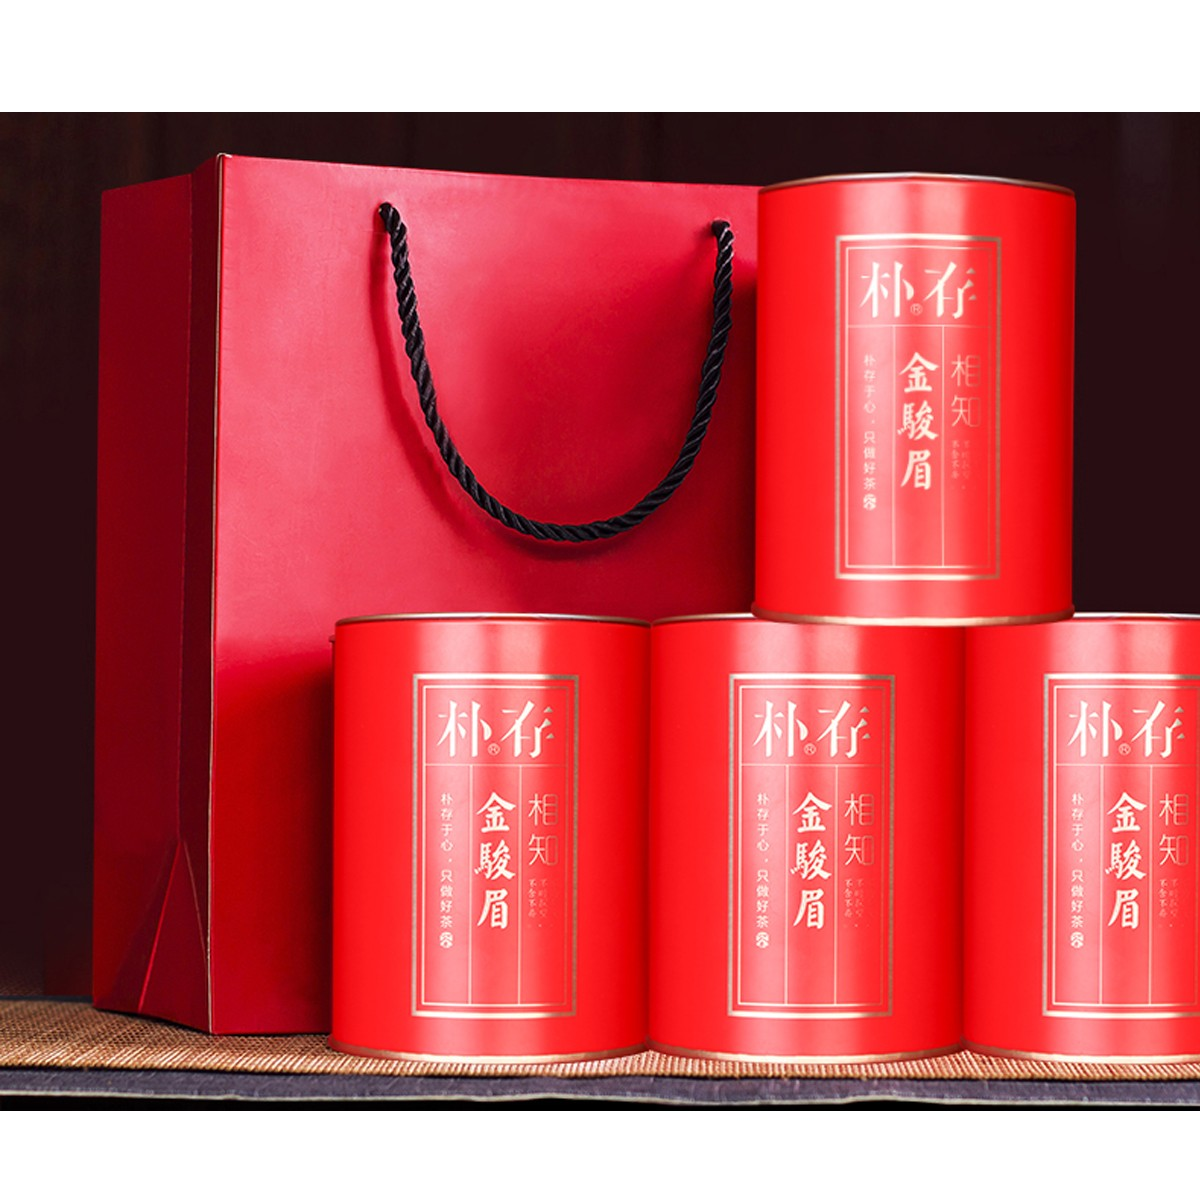 正宗红茶浓香型500g